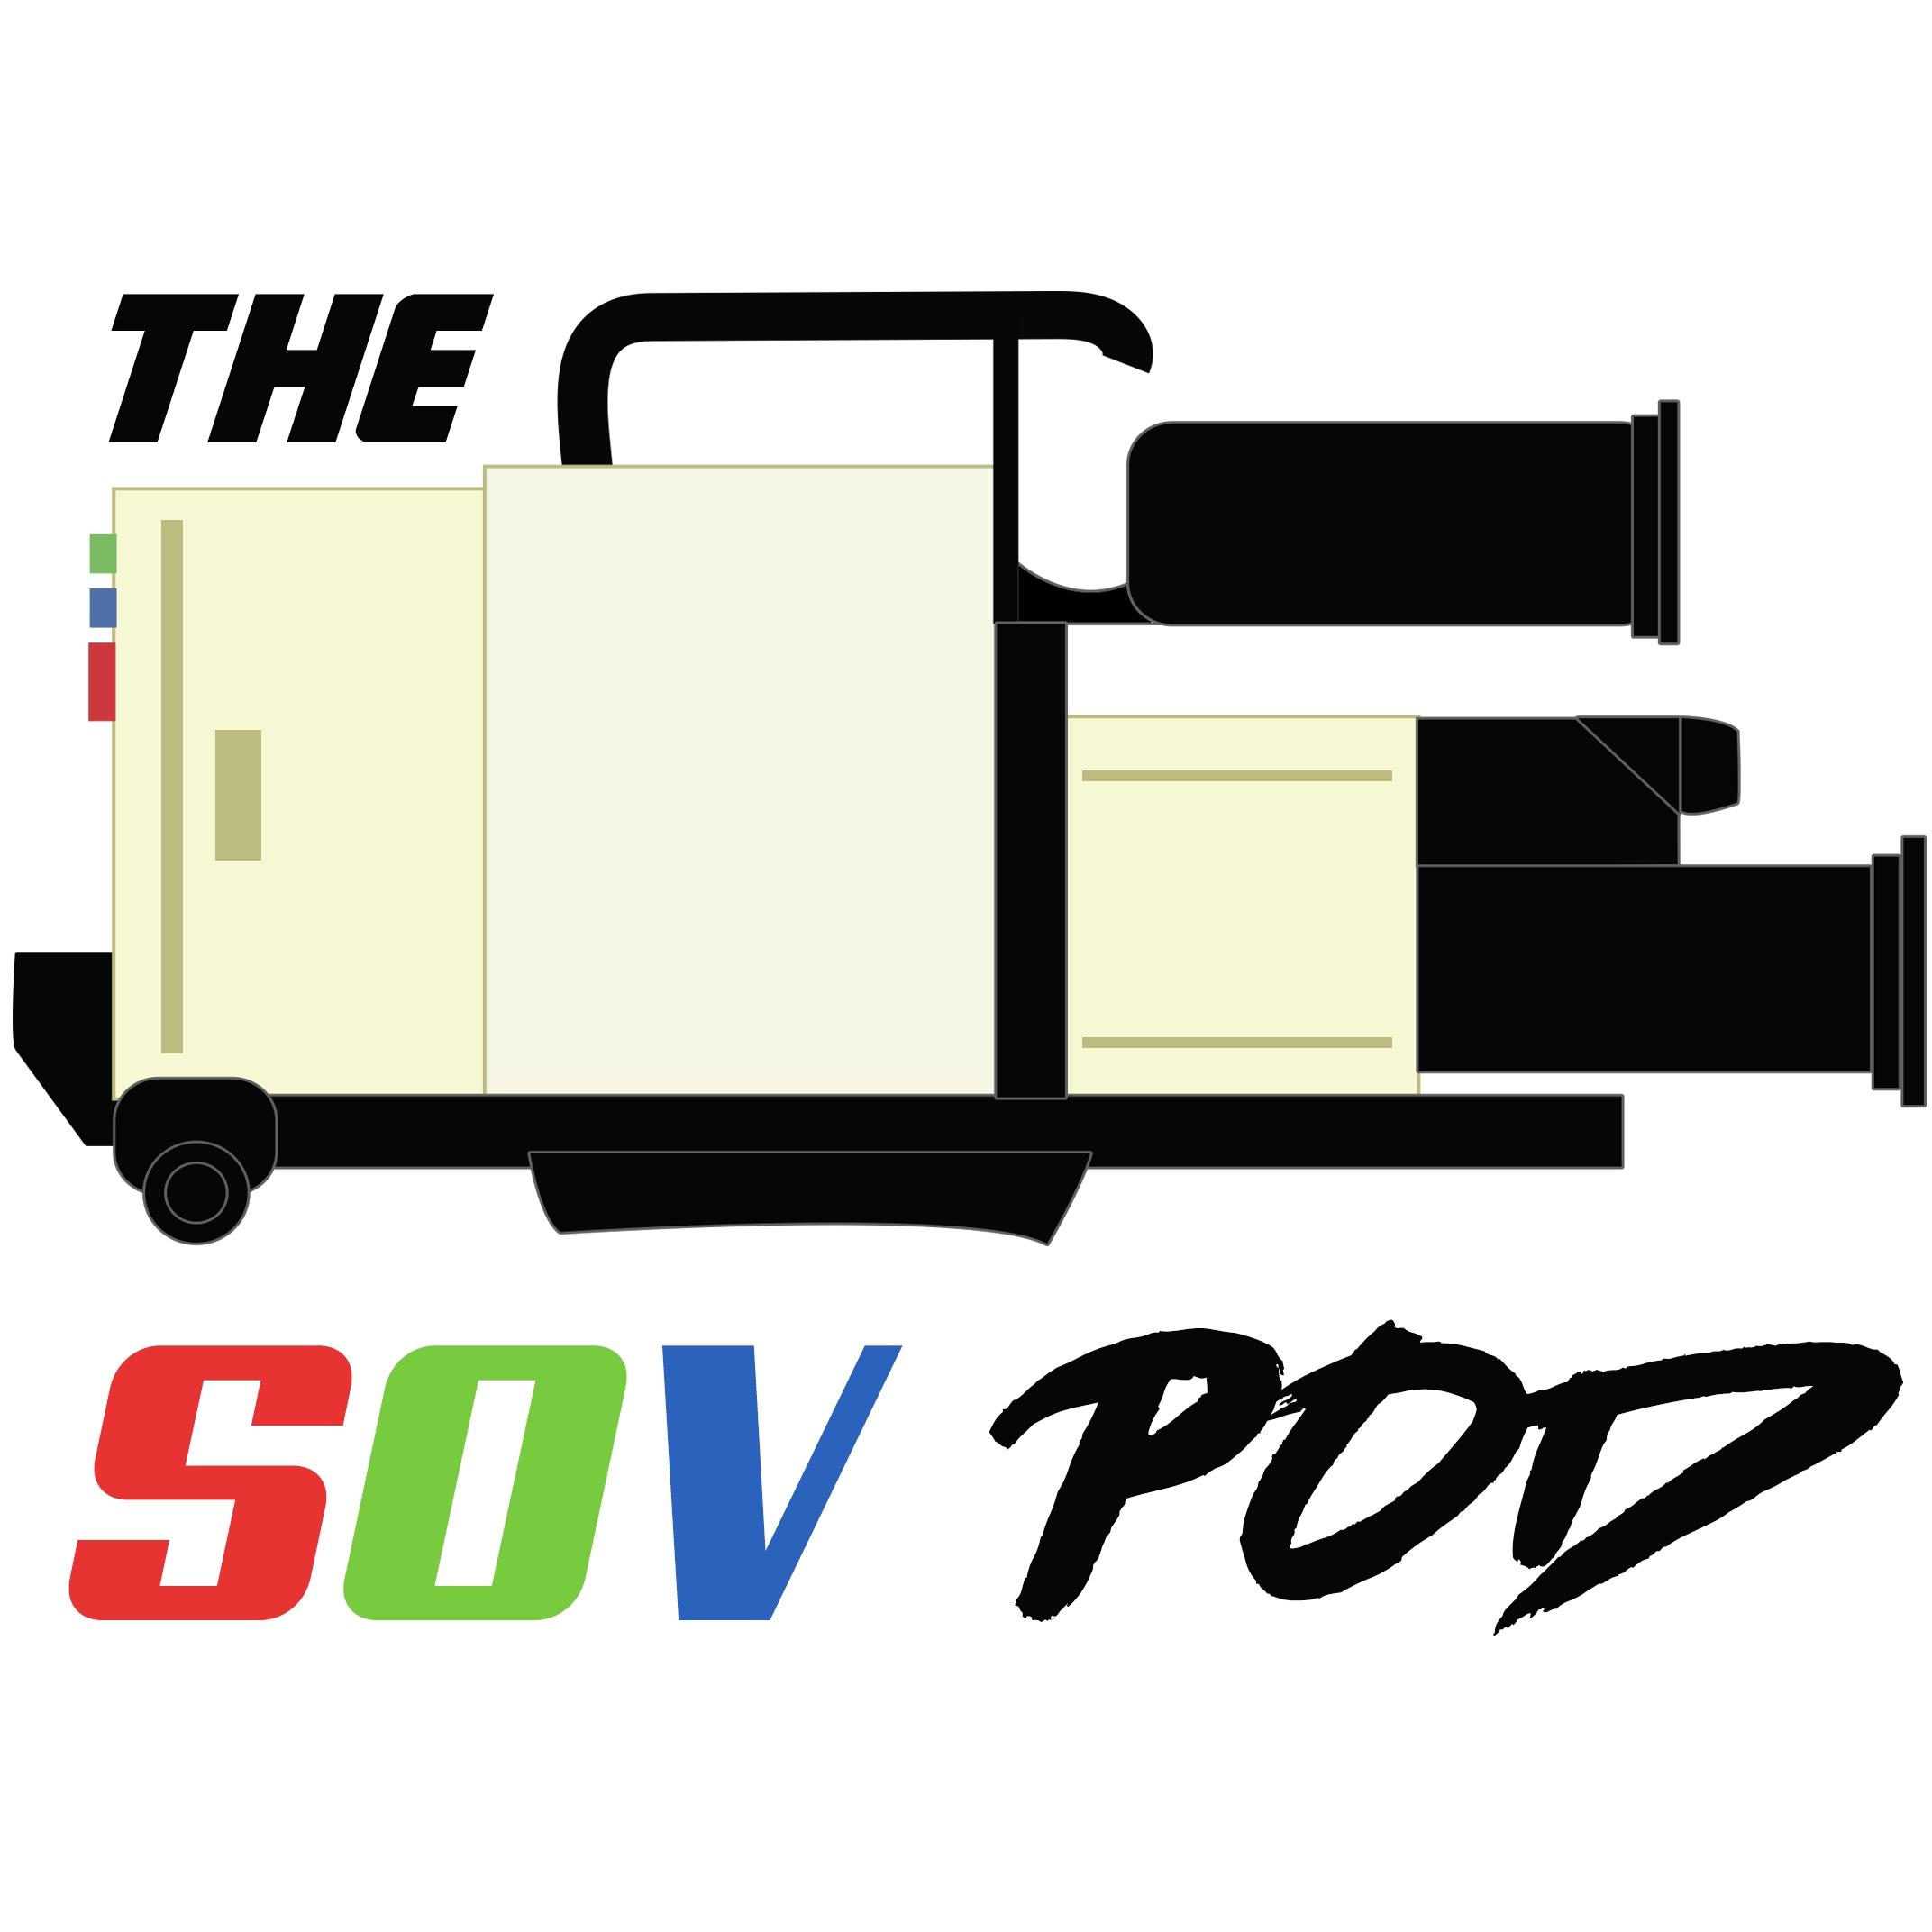 The SOVPOD